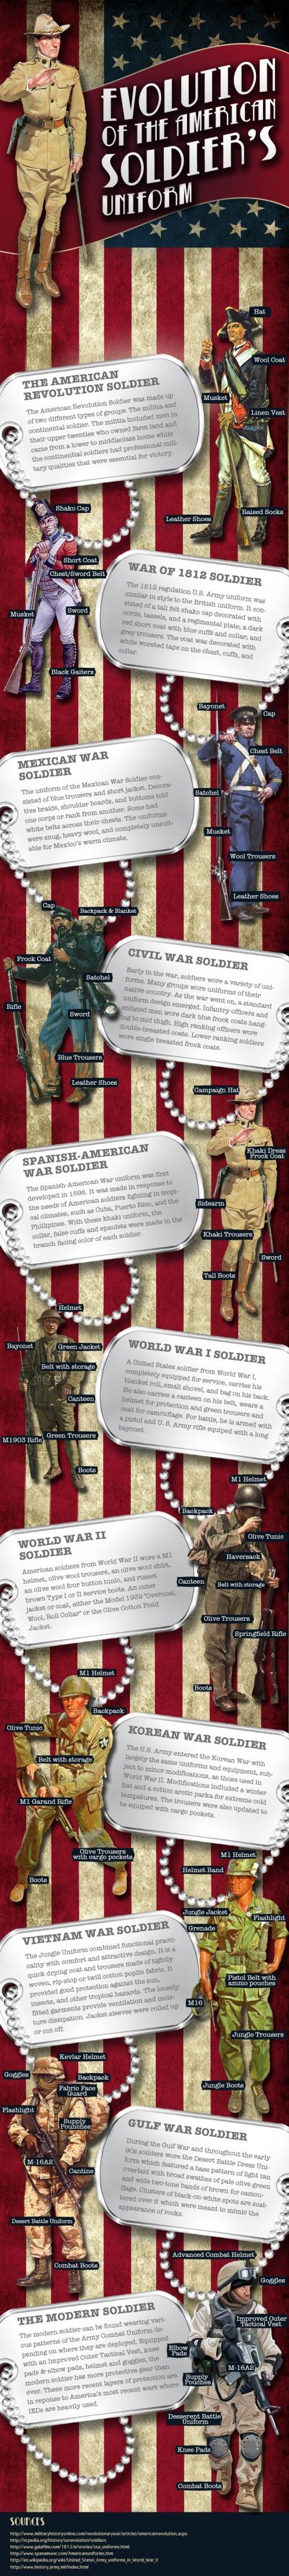 Evolución uniformes militares (USA)